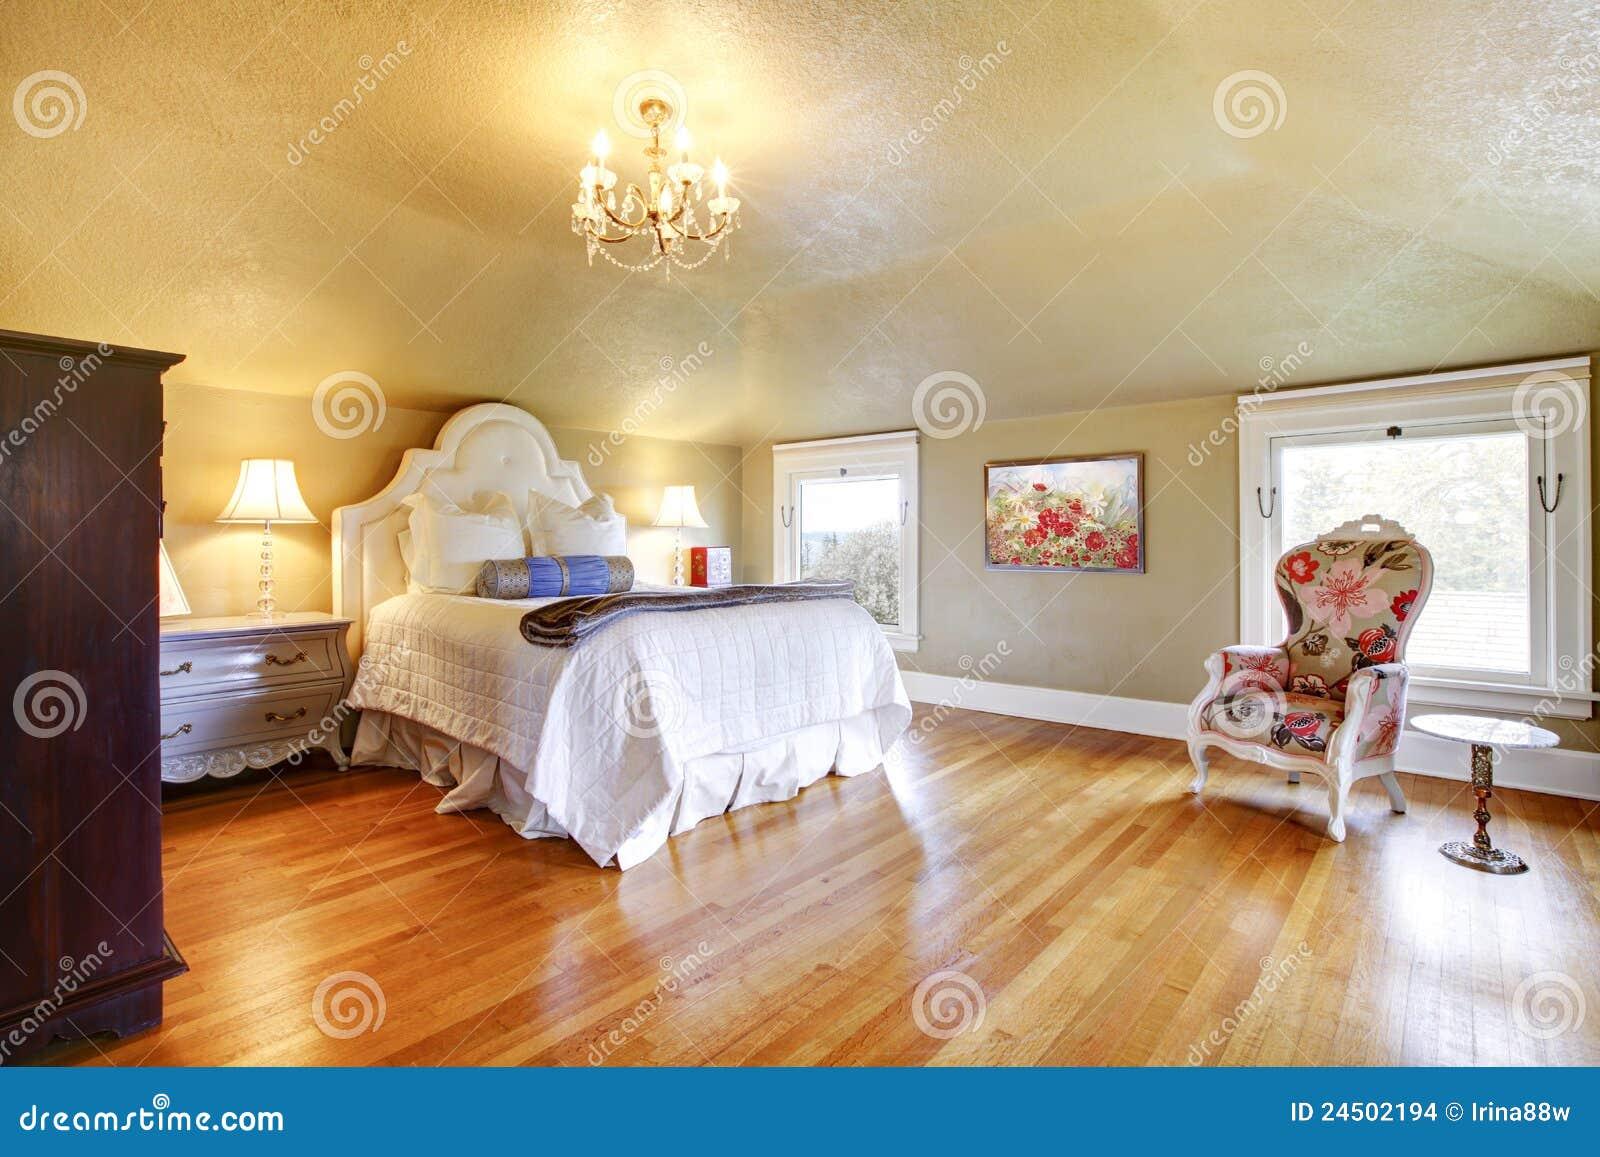 Camera da letto di lusso dell 39 oro con stratificazione bianca immagini stock immagine 24502194 - Pavimento camera da letto ...